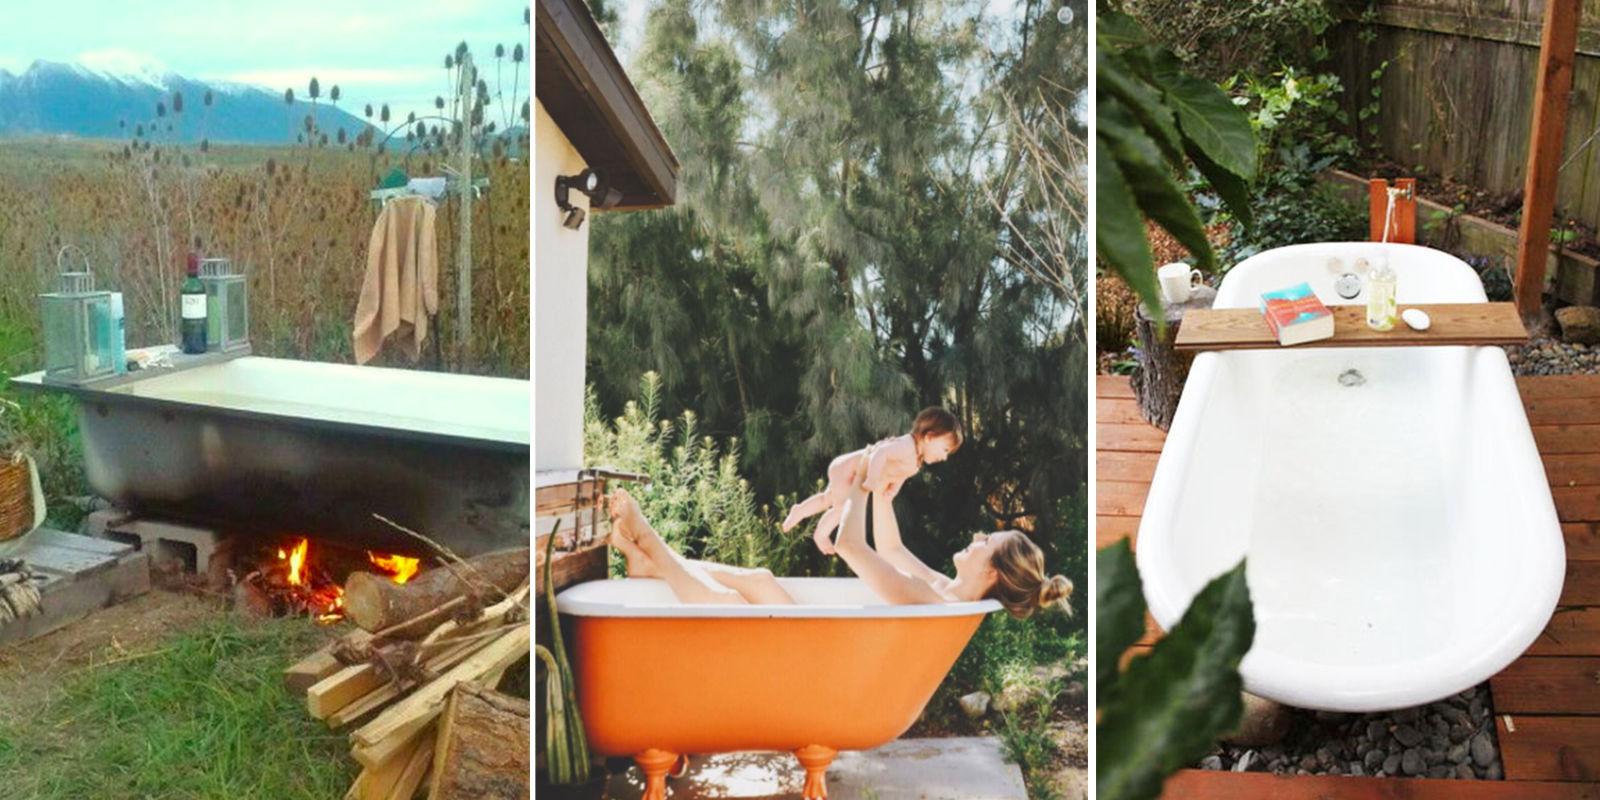 Backyard Bathtubs for Soaking Up the Great Outdoors ... on Backyard Bathroom Ideas id=41237